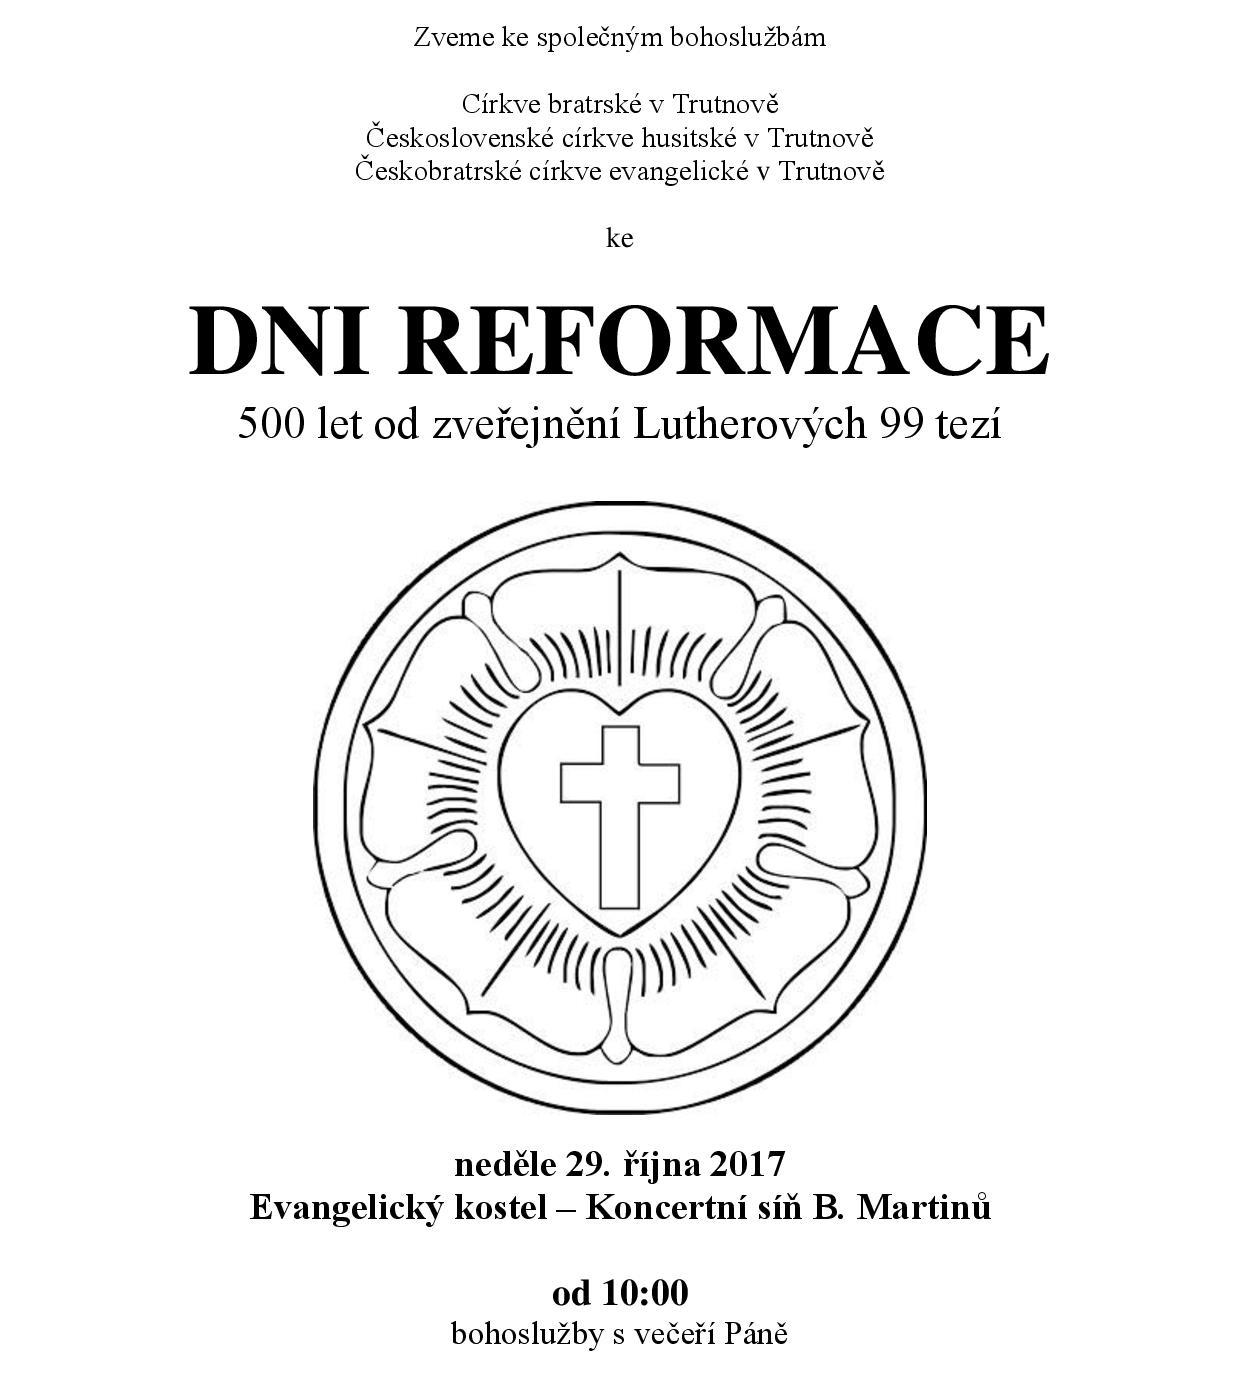 Den reformace Trutnov